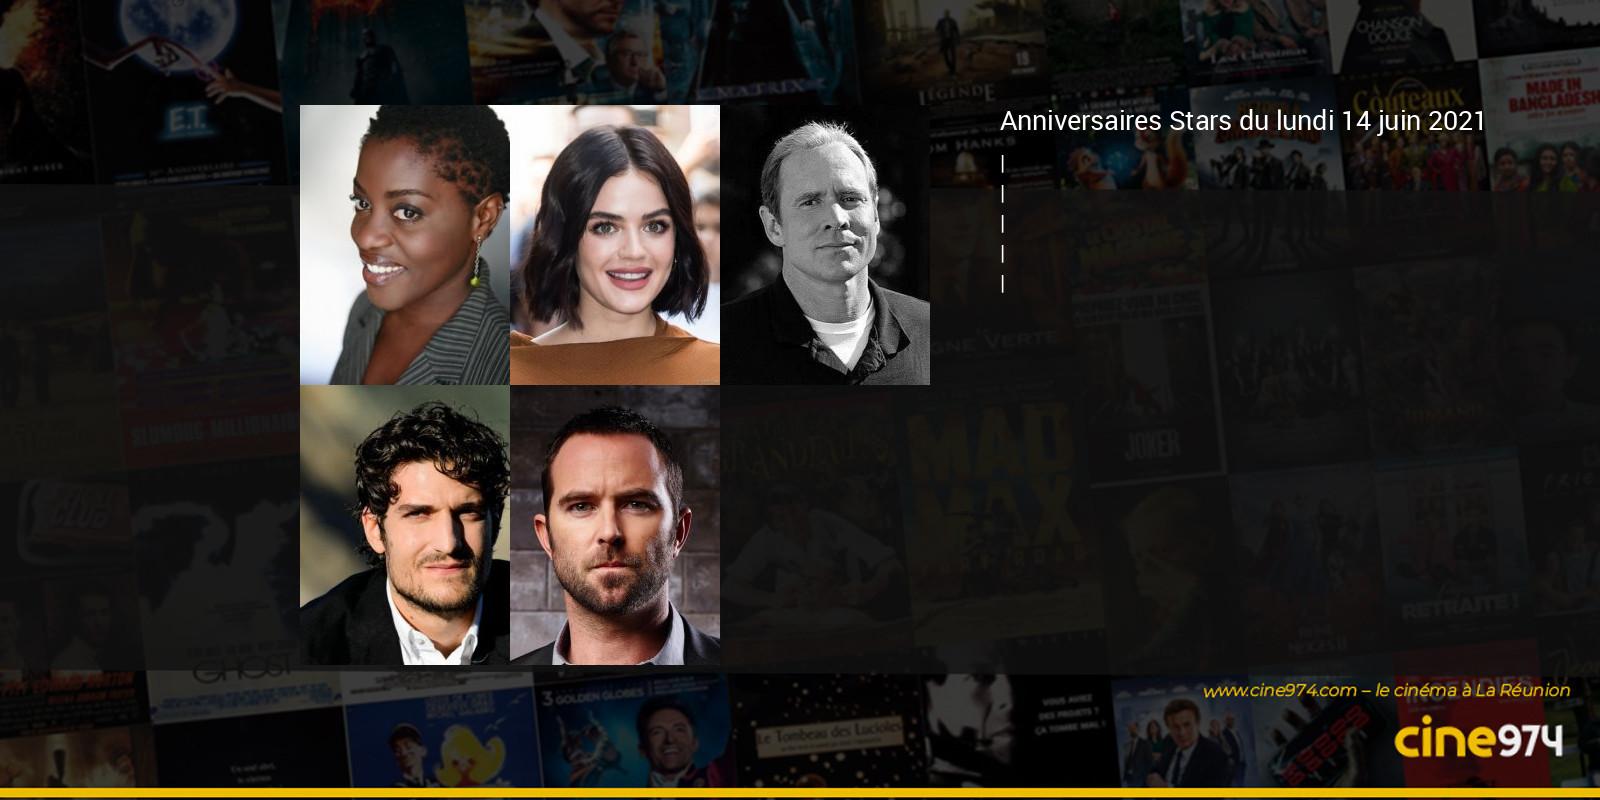 cine974 2021-06-14-0-acteurs-anniversaires